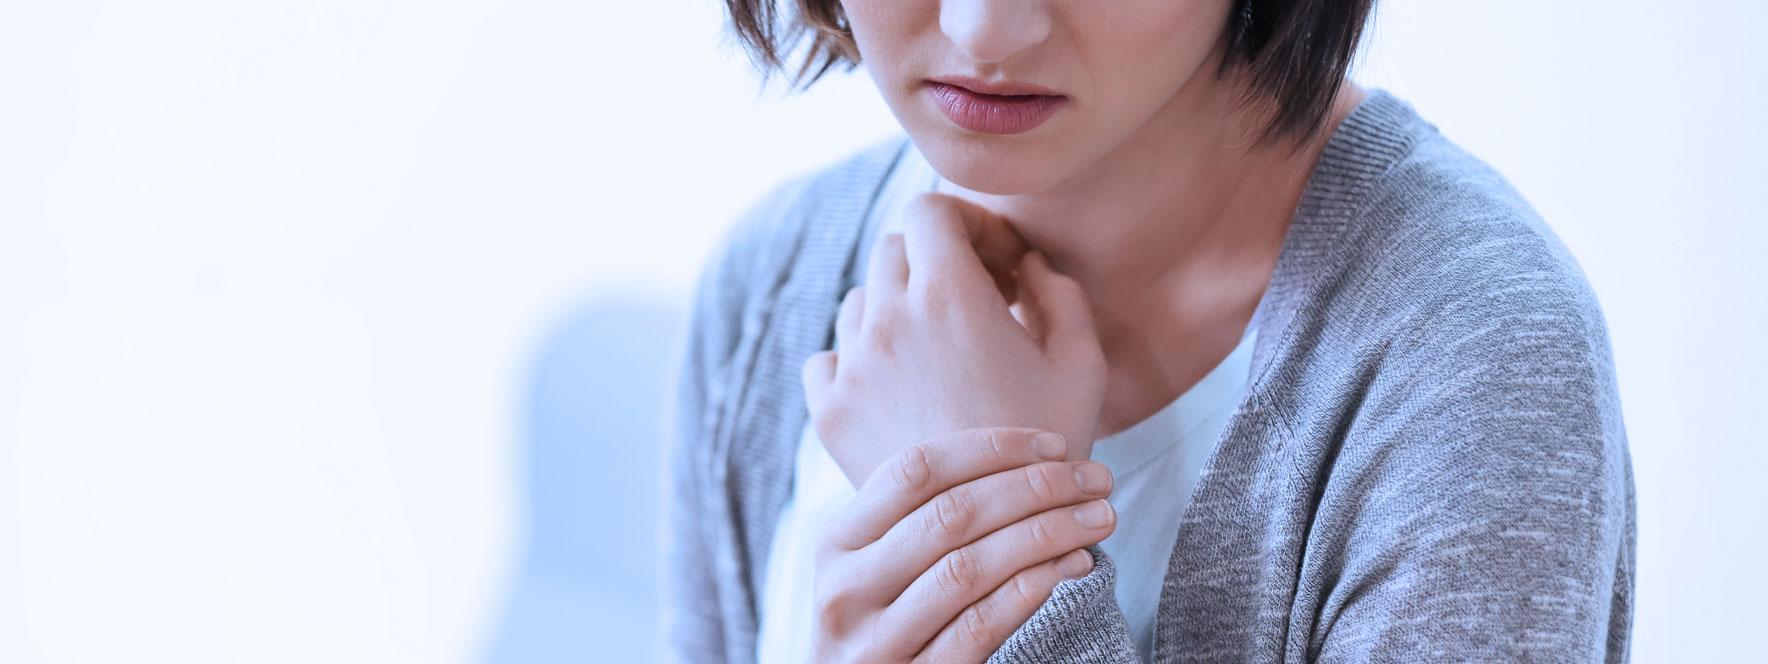 Jeune femme souffrant de douleur au poignet, tendinite